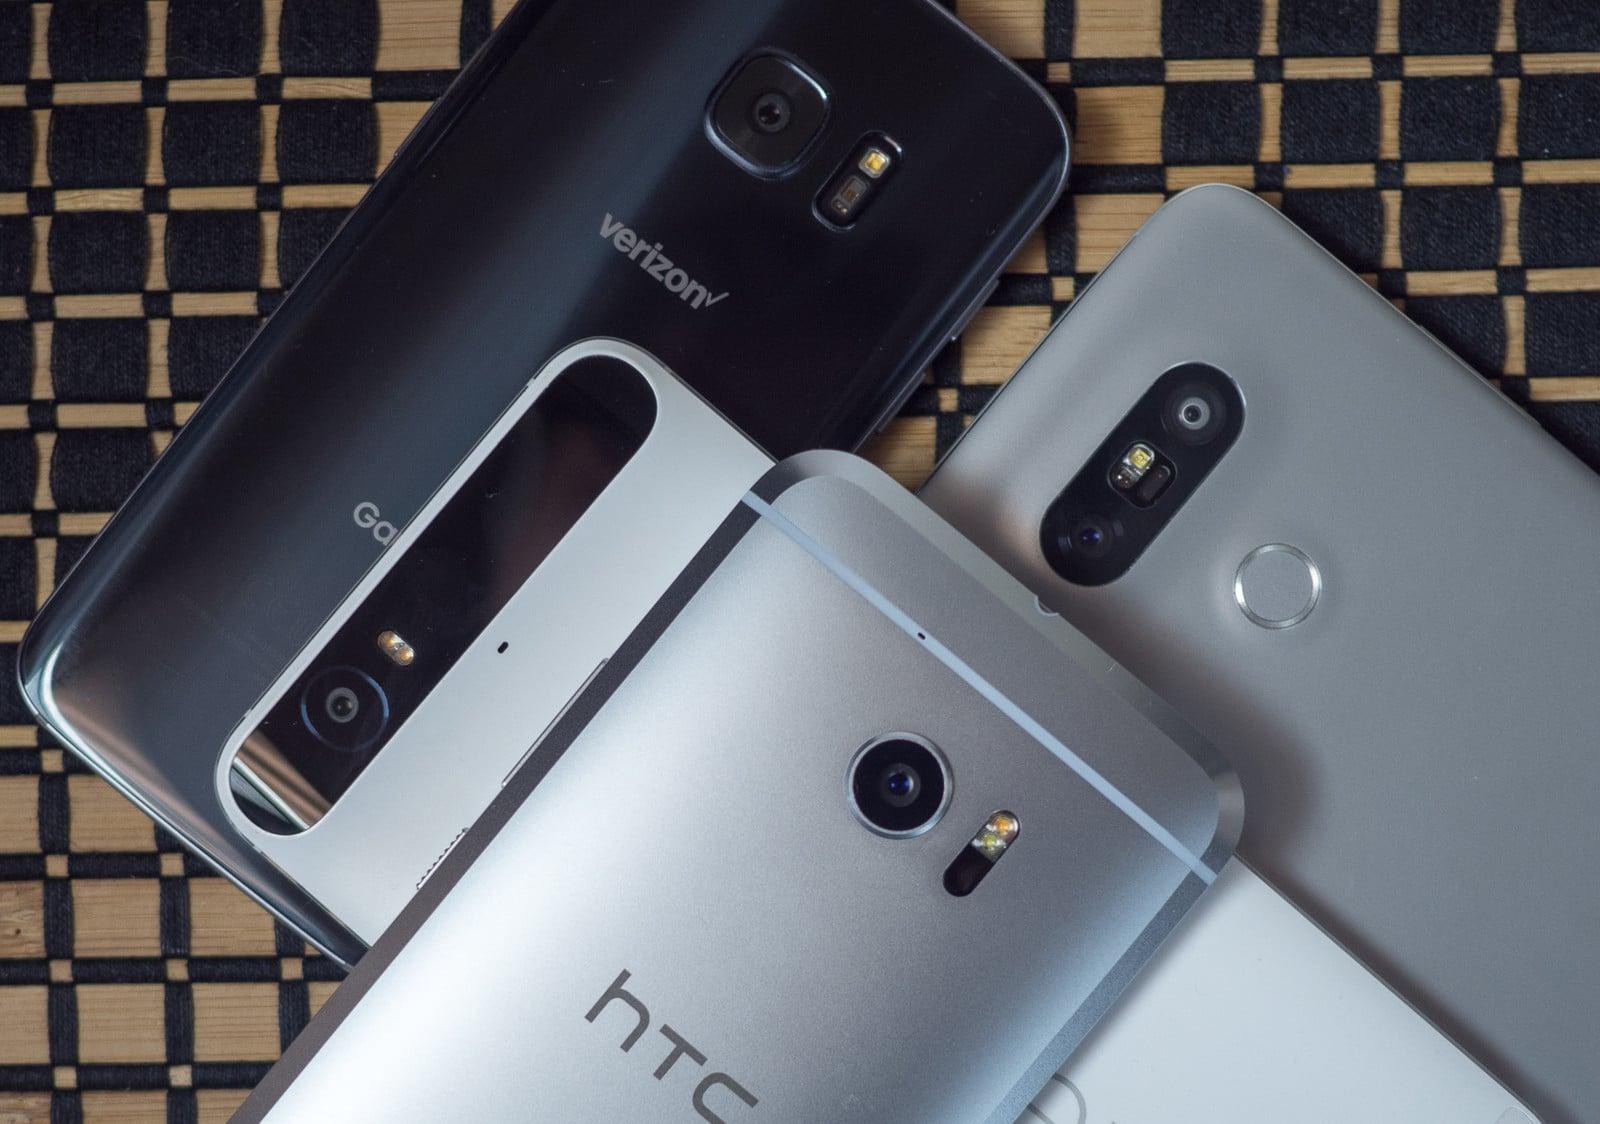 Capteurs photo smartphones : autofocus, exposition, tout ce que vous devez savoir